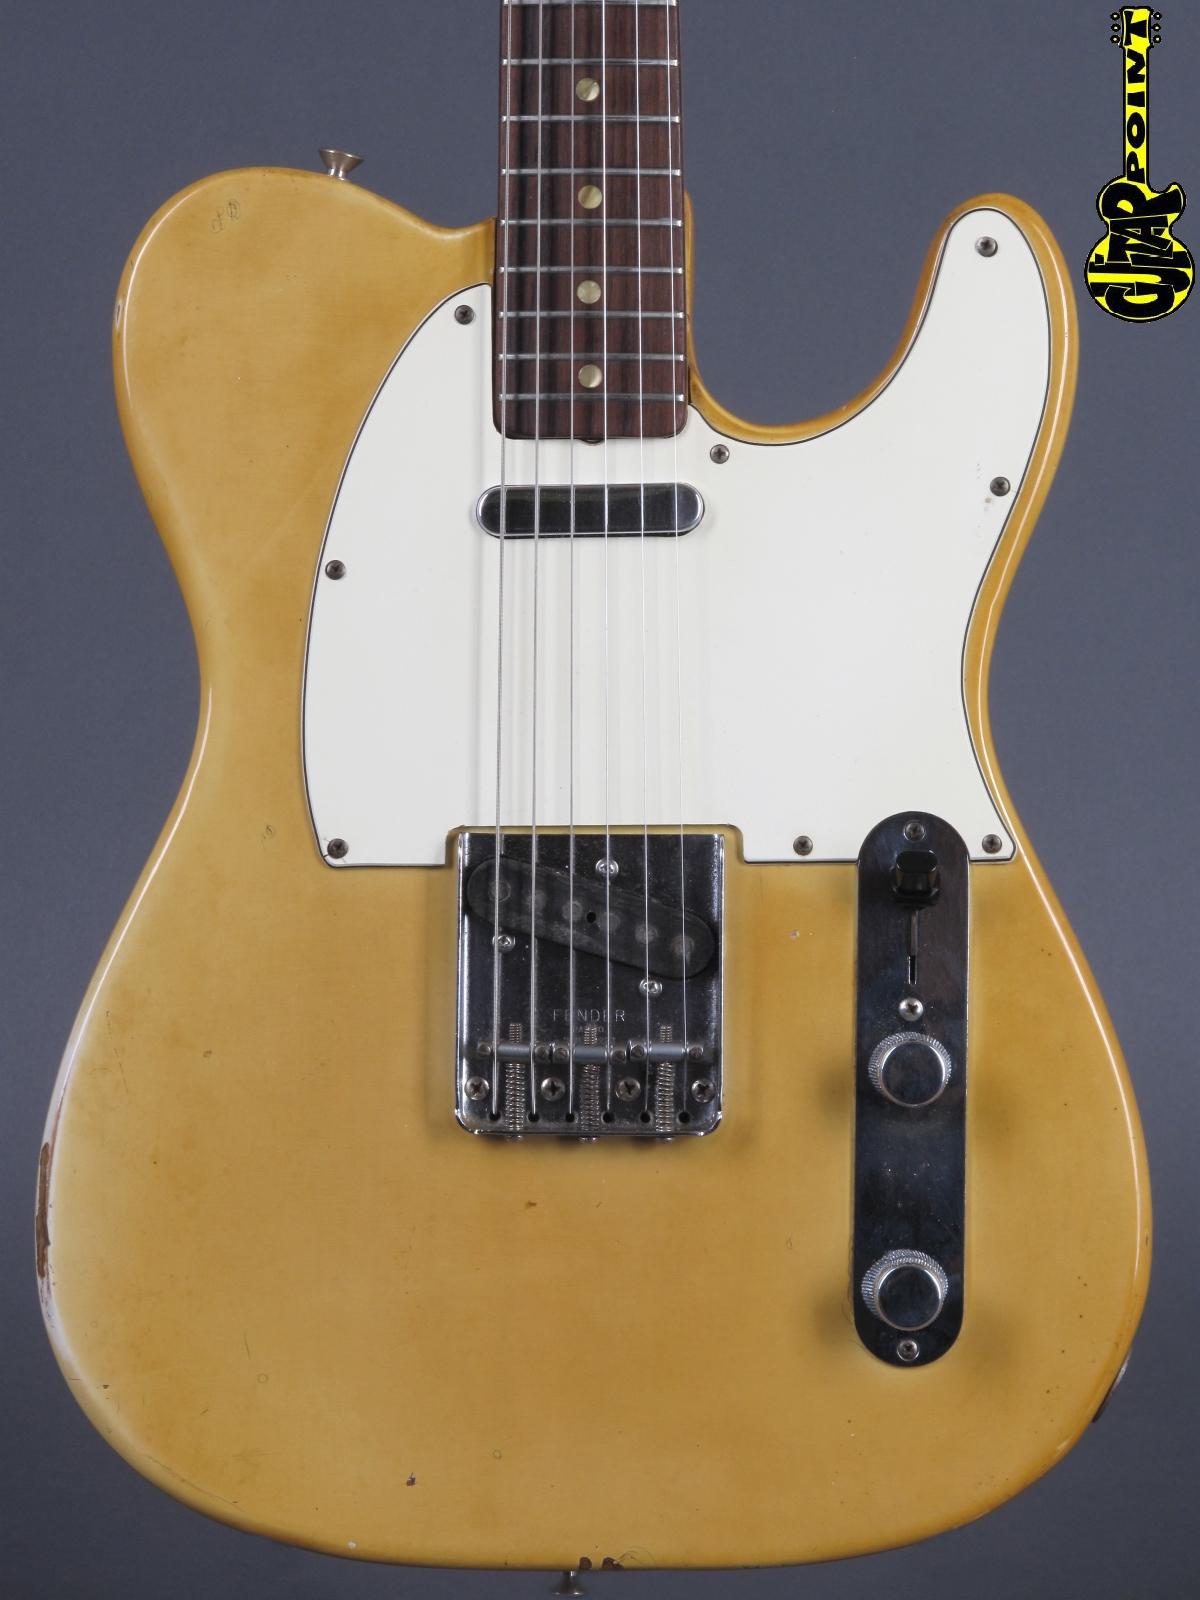 1970 Fender Telecaster -  Blond    incl. orig black tolex case